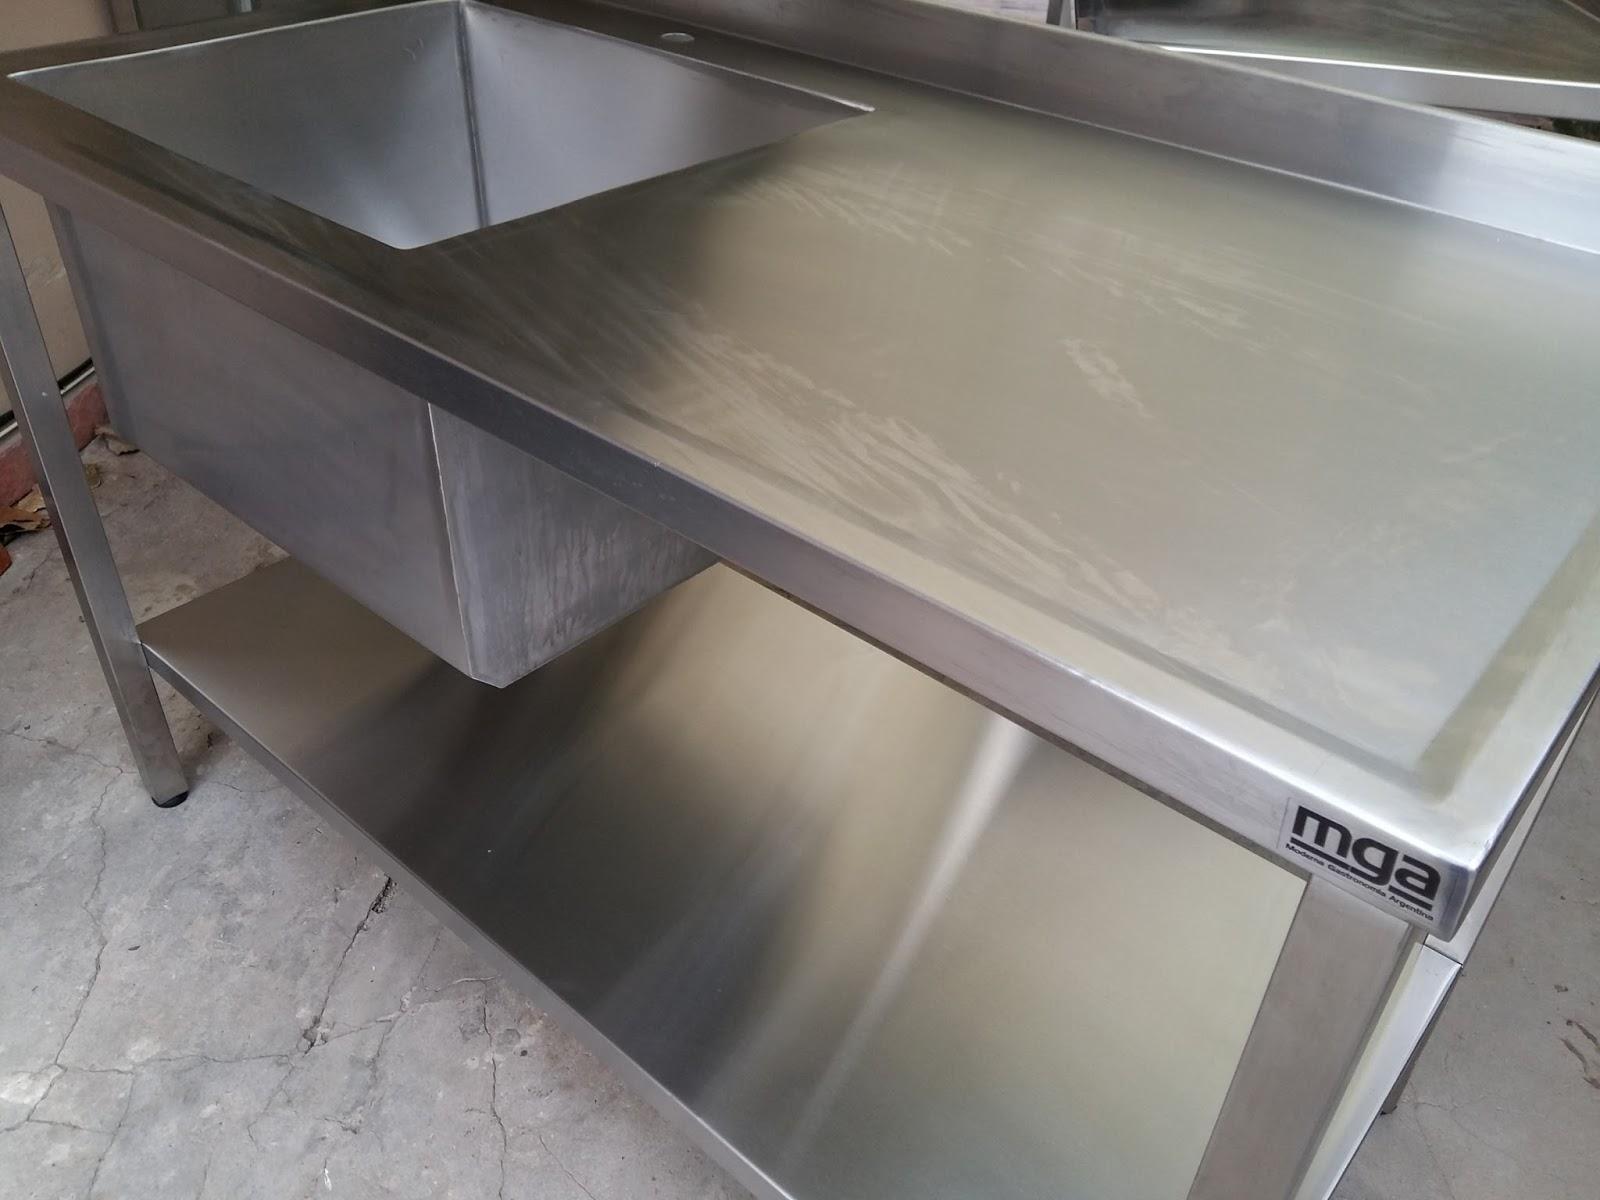 Cocinas Industriales Familiares Mesadas De Acero Inoxidable Y  # Muebles Net Buenos Aires